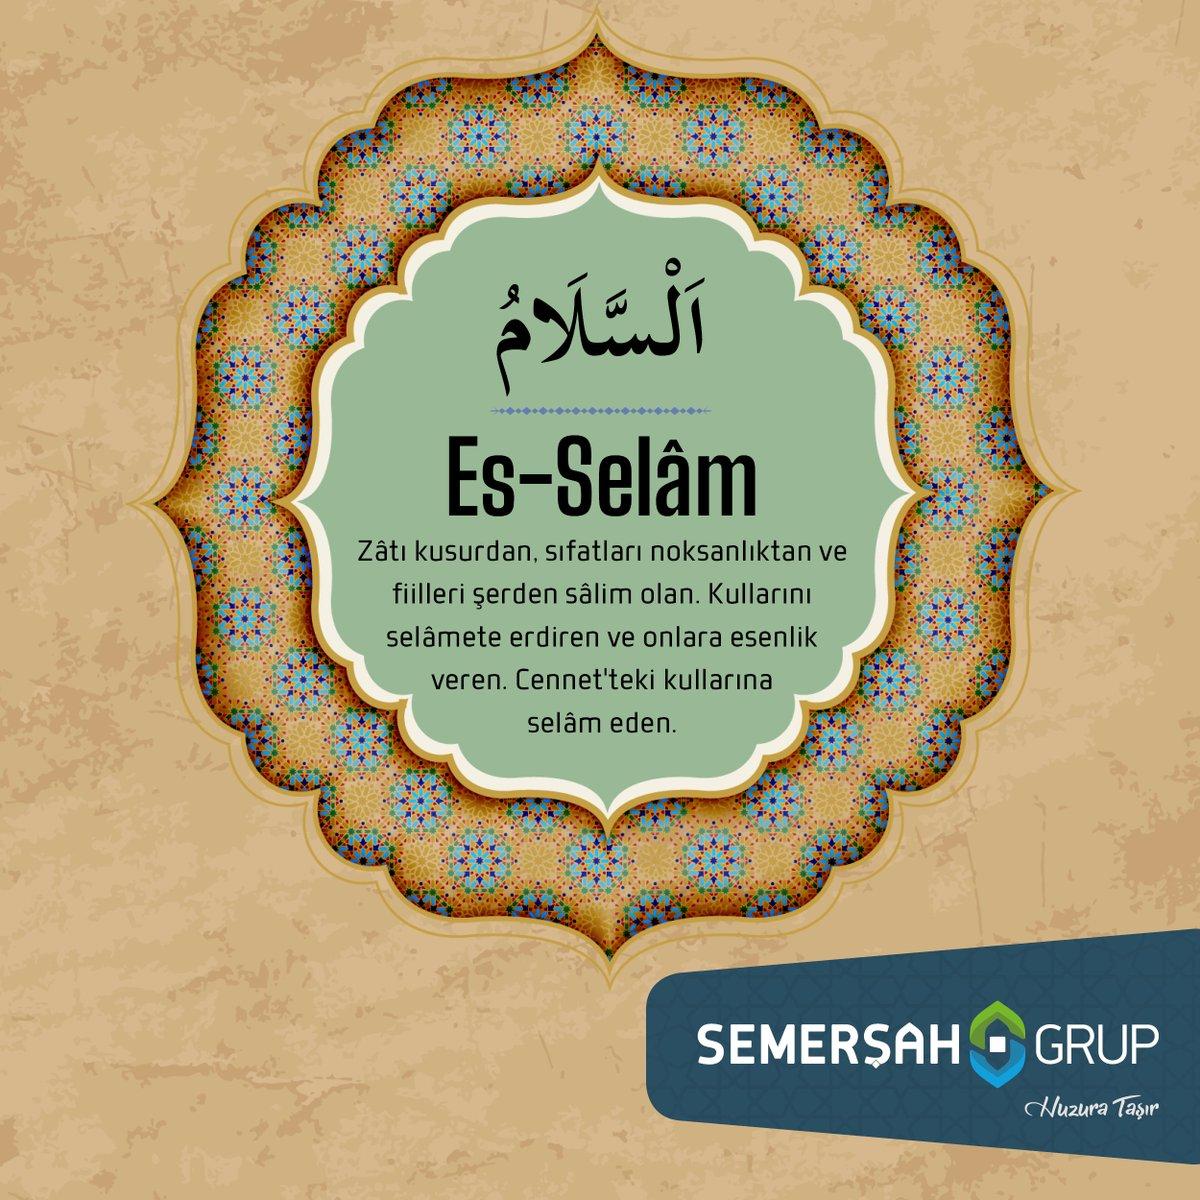 Es-Selâm: Zâtı kusurdan, sıfatları noksanlıktan ve fiilleri şerden sâlim olan. Kullarını selâmete erdiren ve onlara esenlik veren. Cennet'teki kullarına selâm eden.